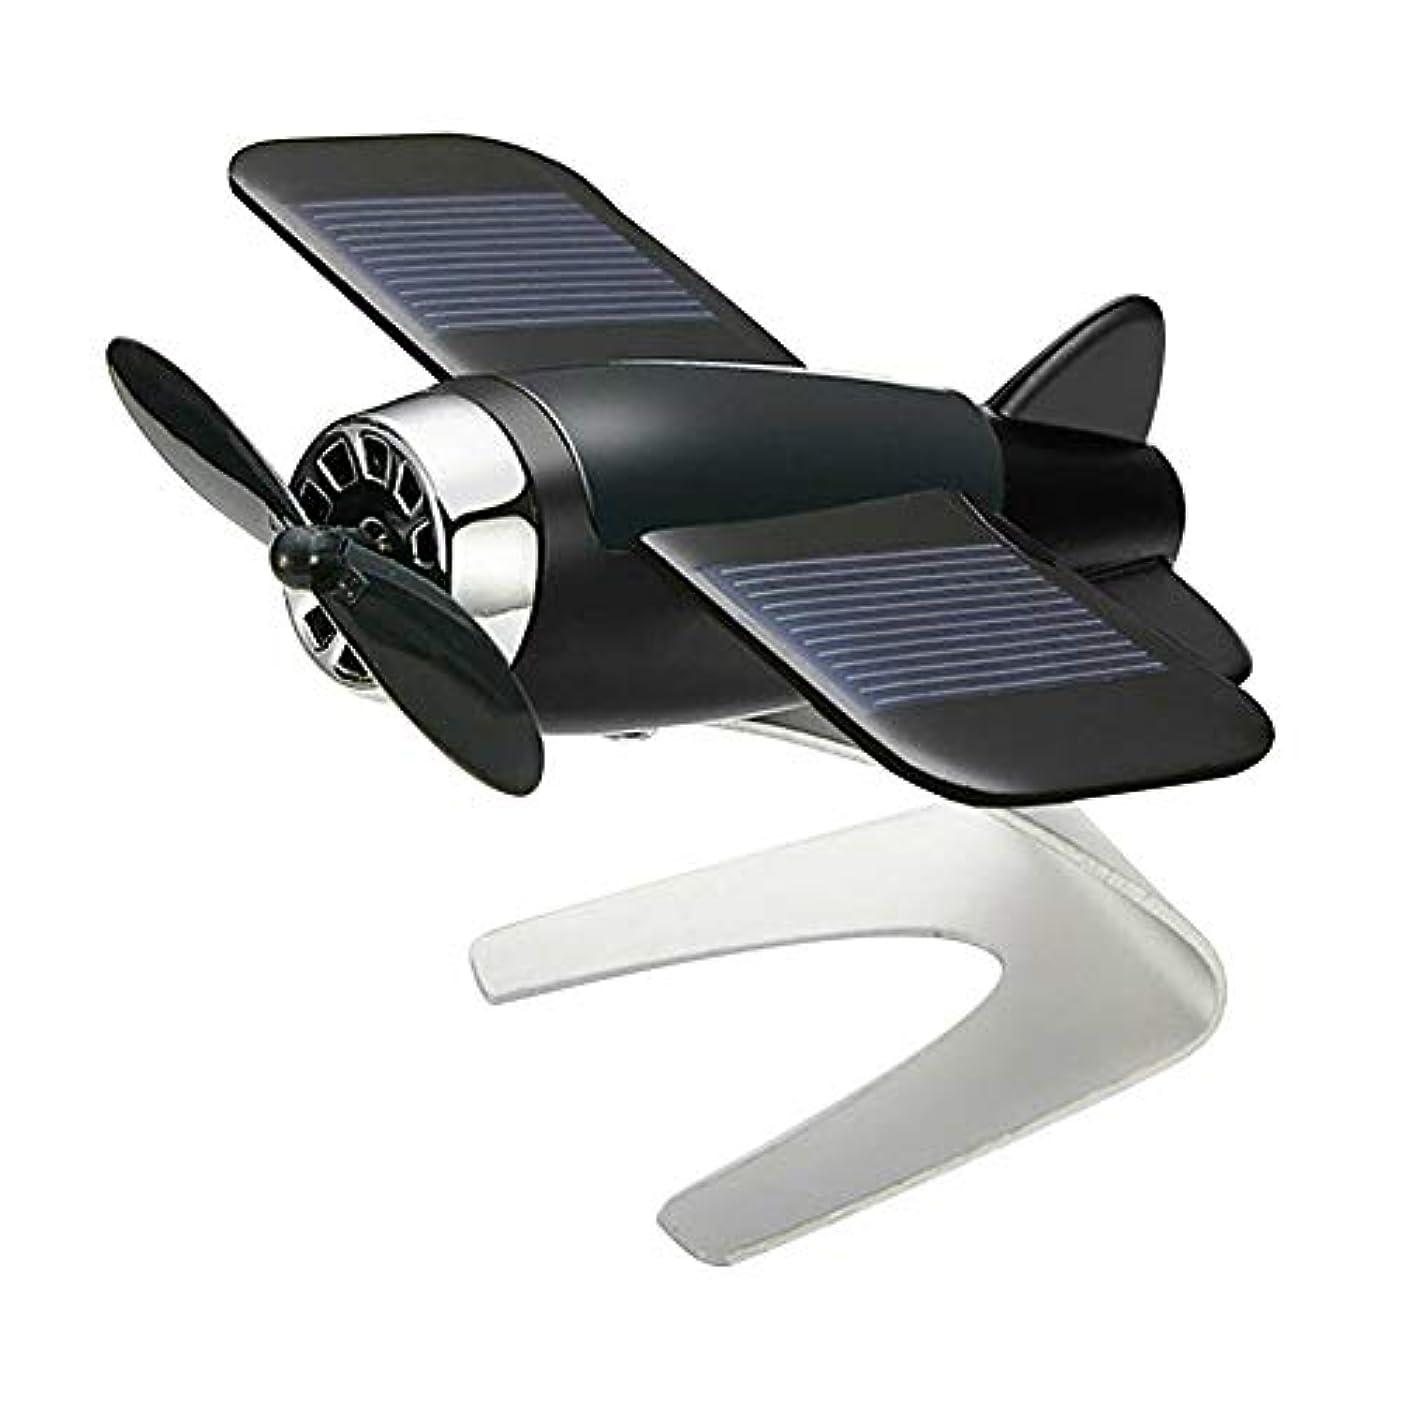 マインドフル晩餐ラウンジSymboat 車の芳香剤飛行機航空機モデル太陽エネルギーアロマテラピー室内装飾